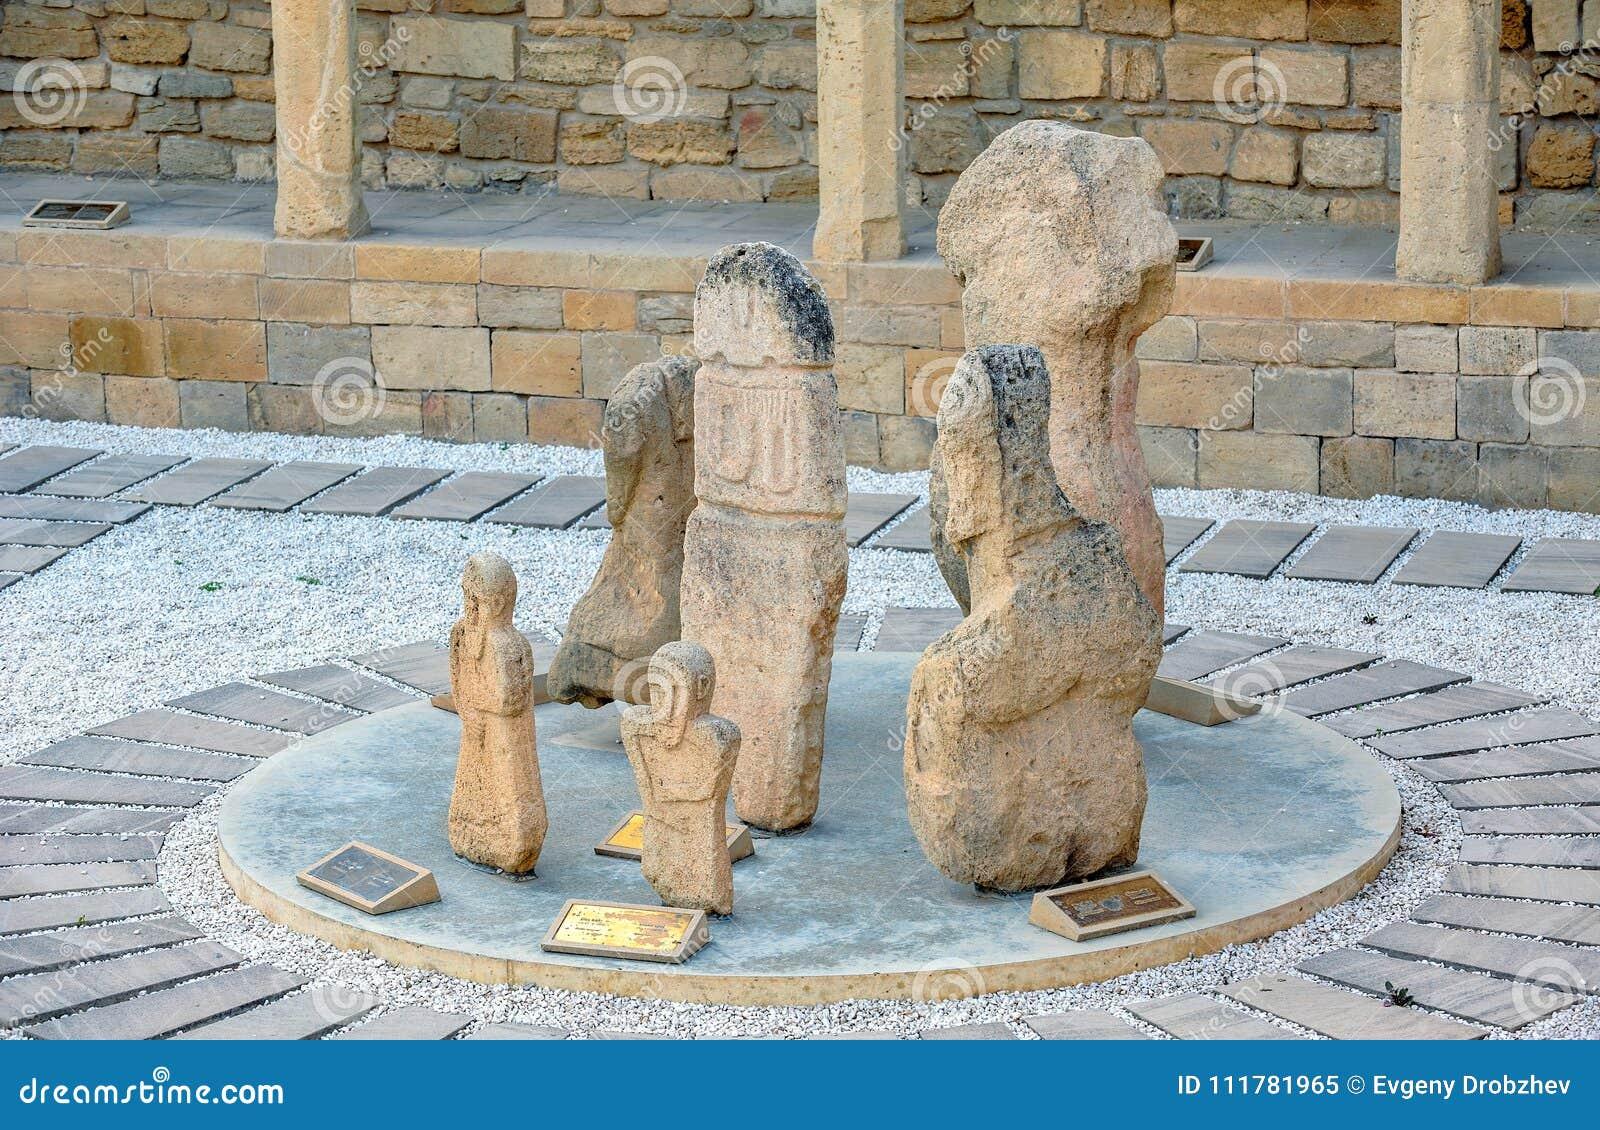 Archaeological exposition in Baku, Azerbaijan